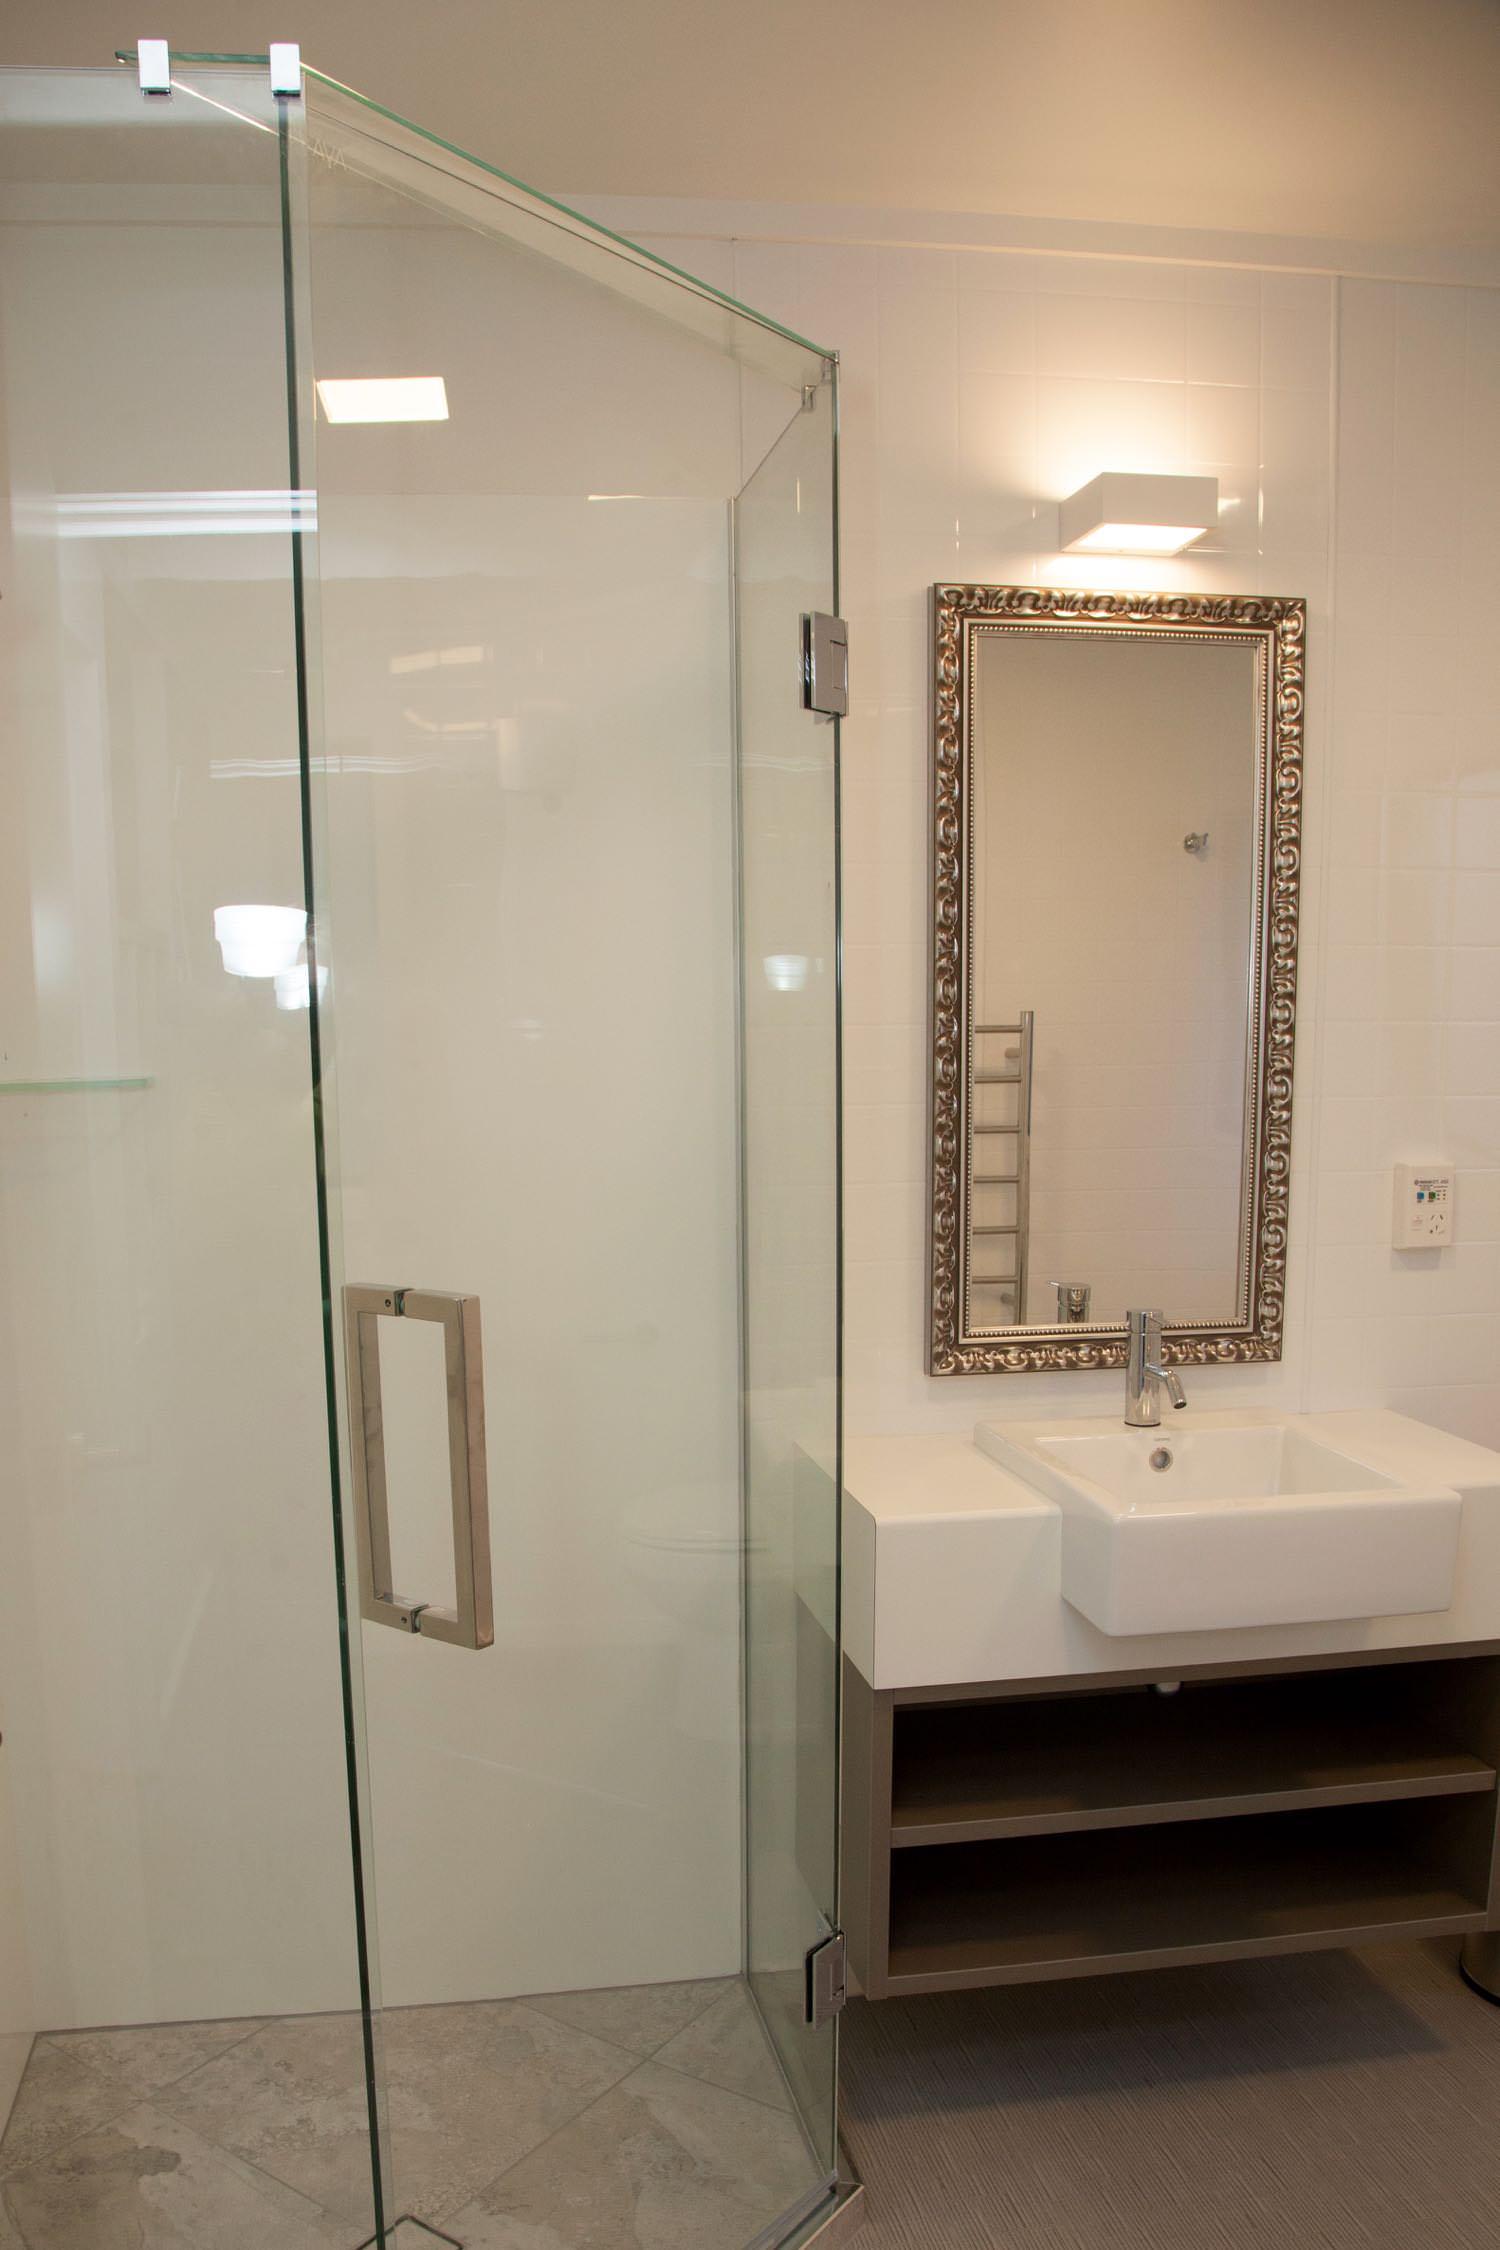 2 bedroom suite - king & queen bathroom